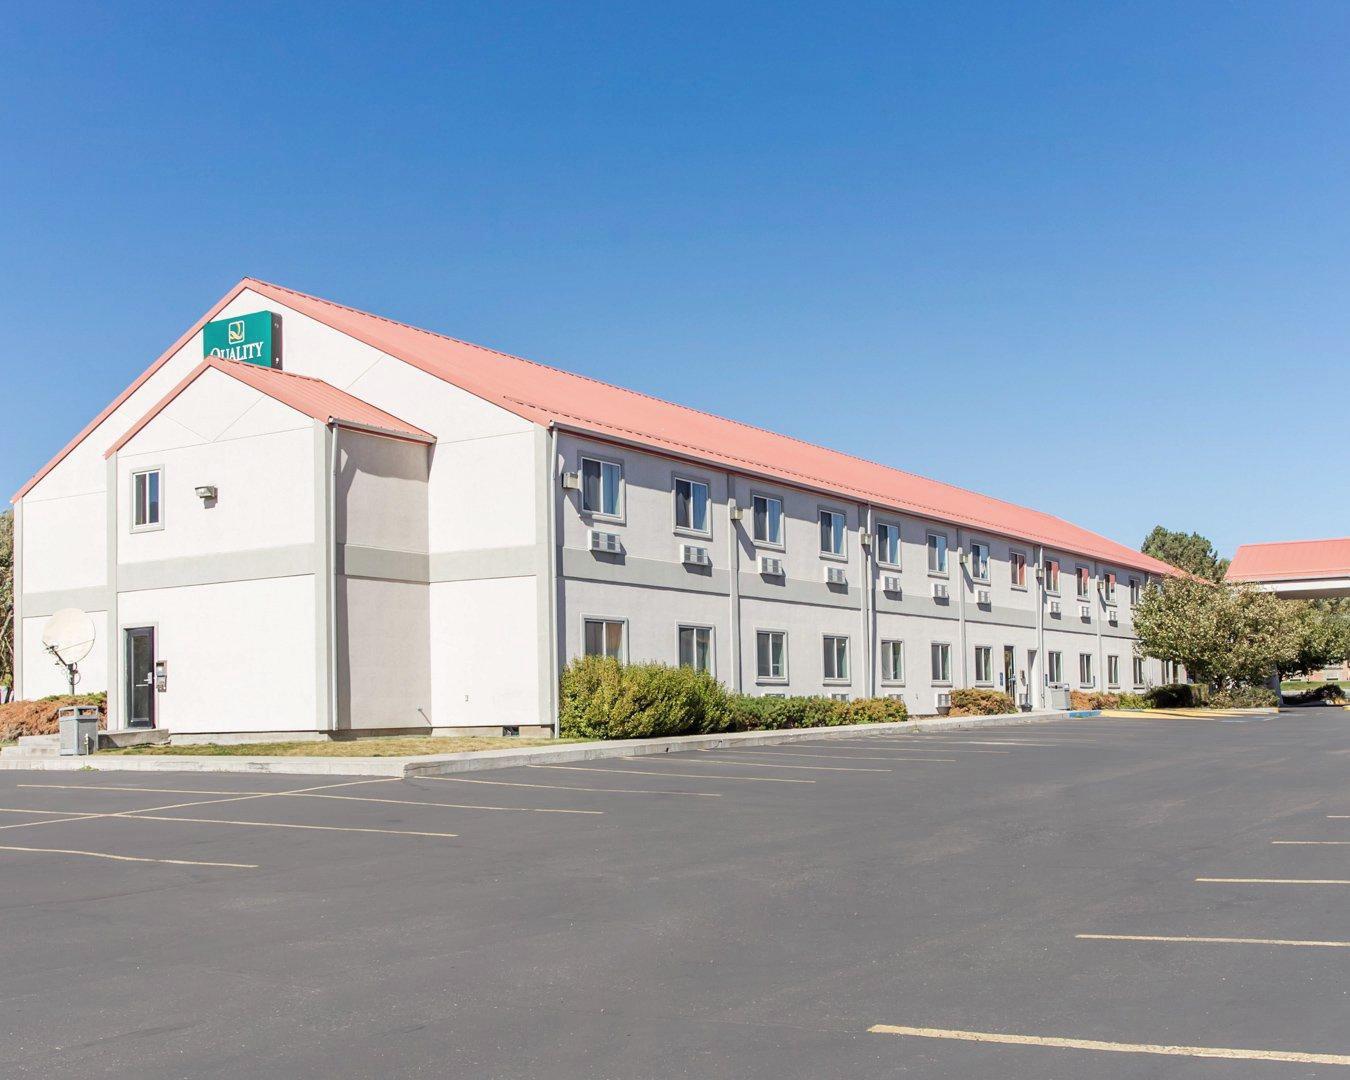 Quality Inn, Livingston MT